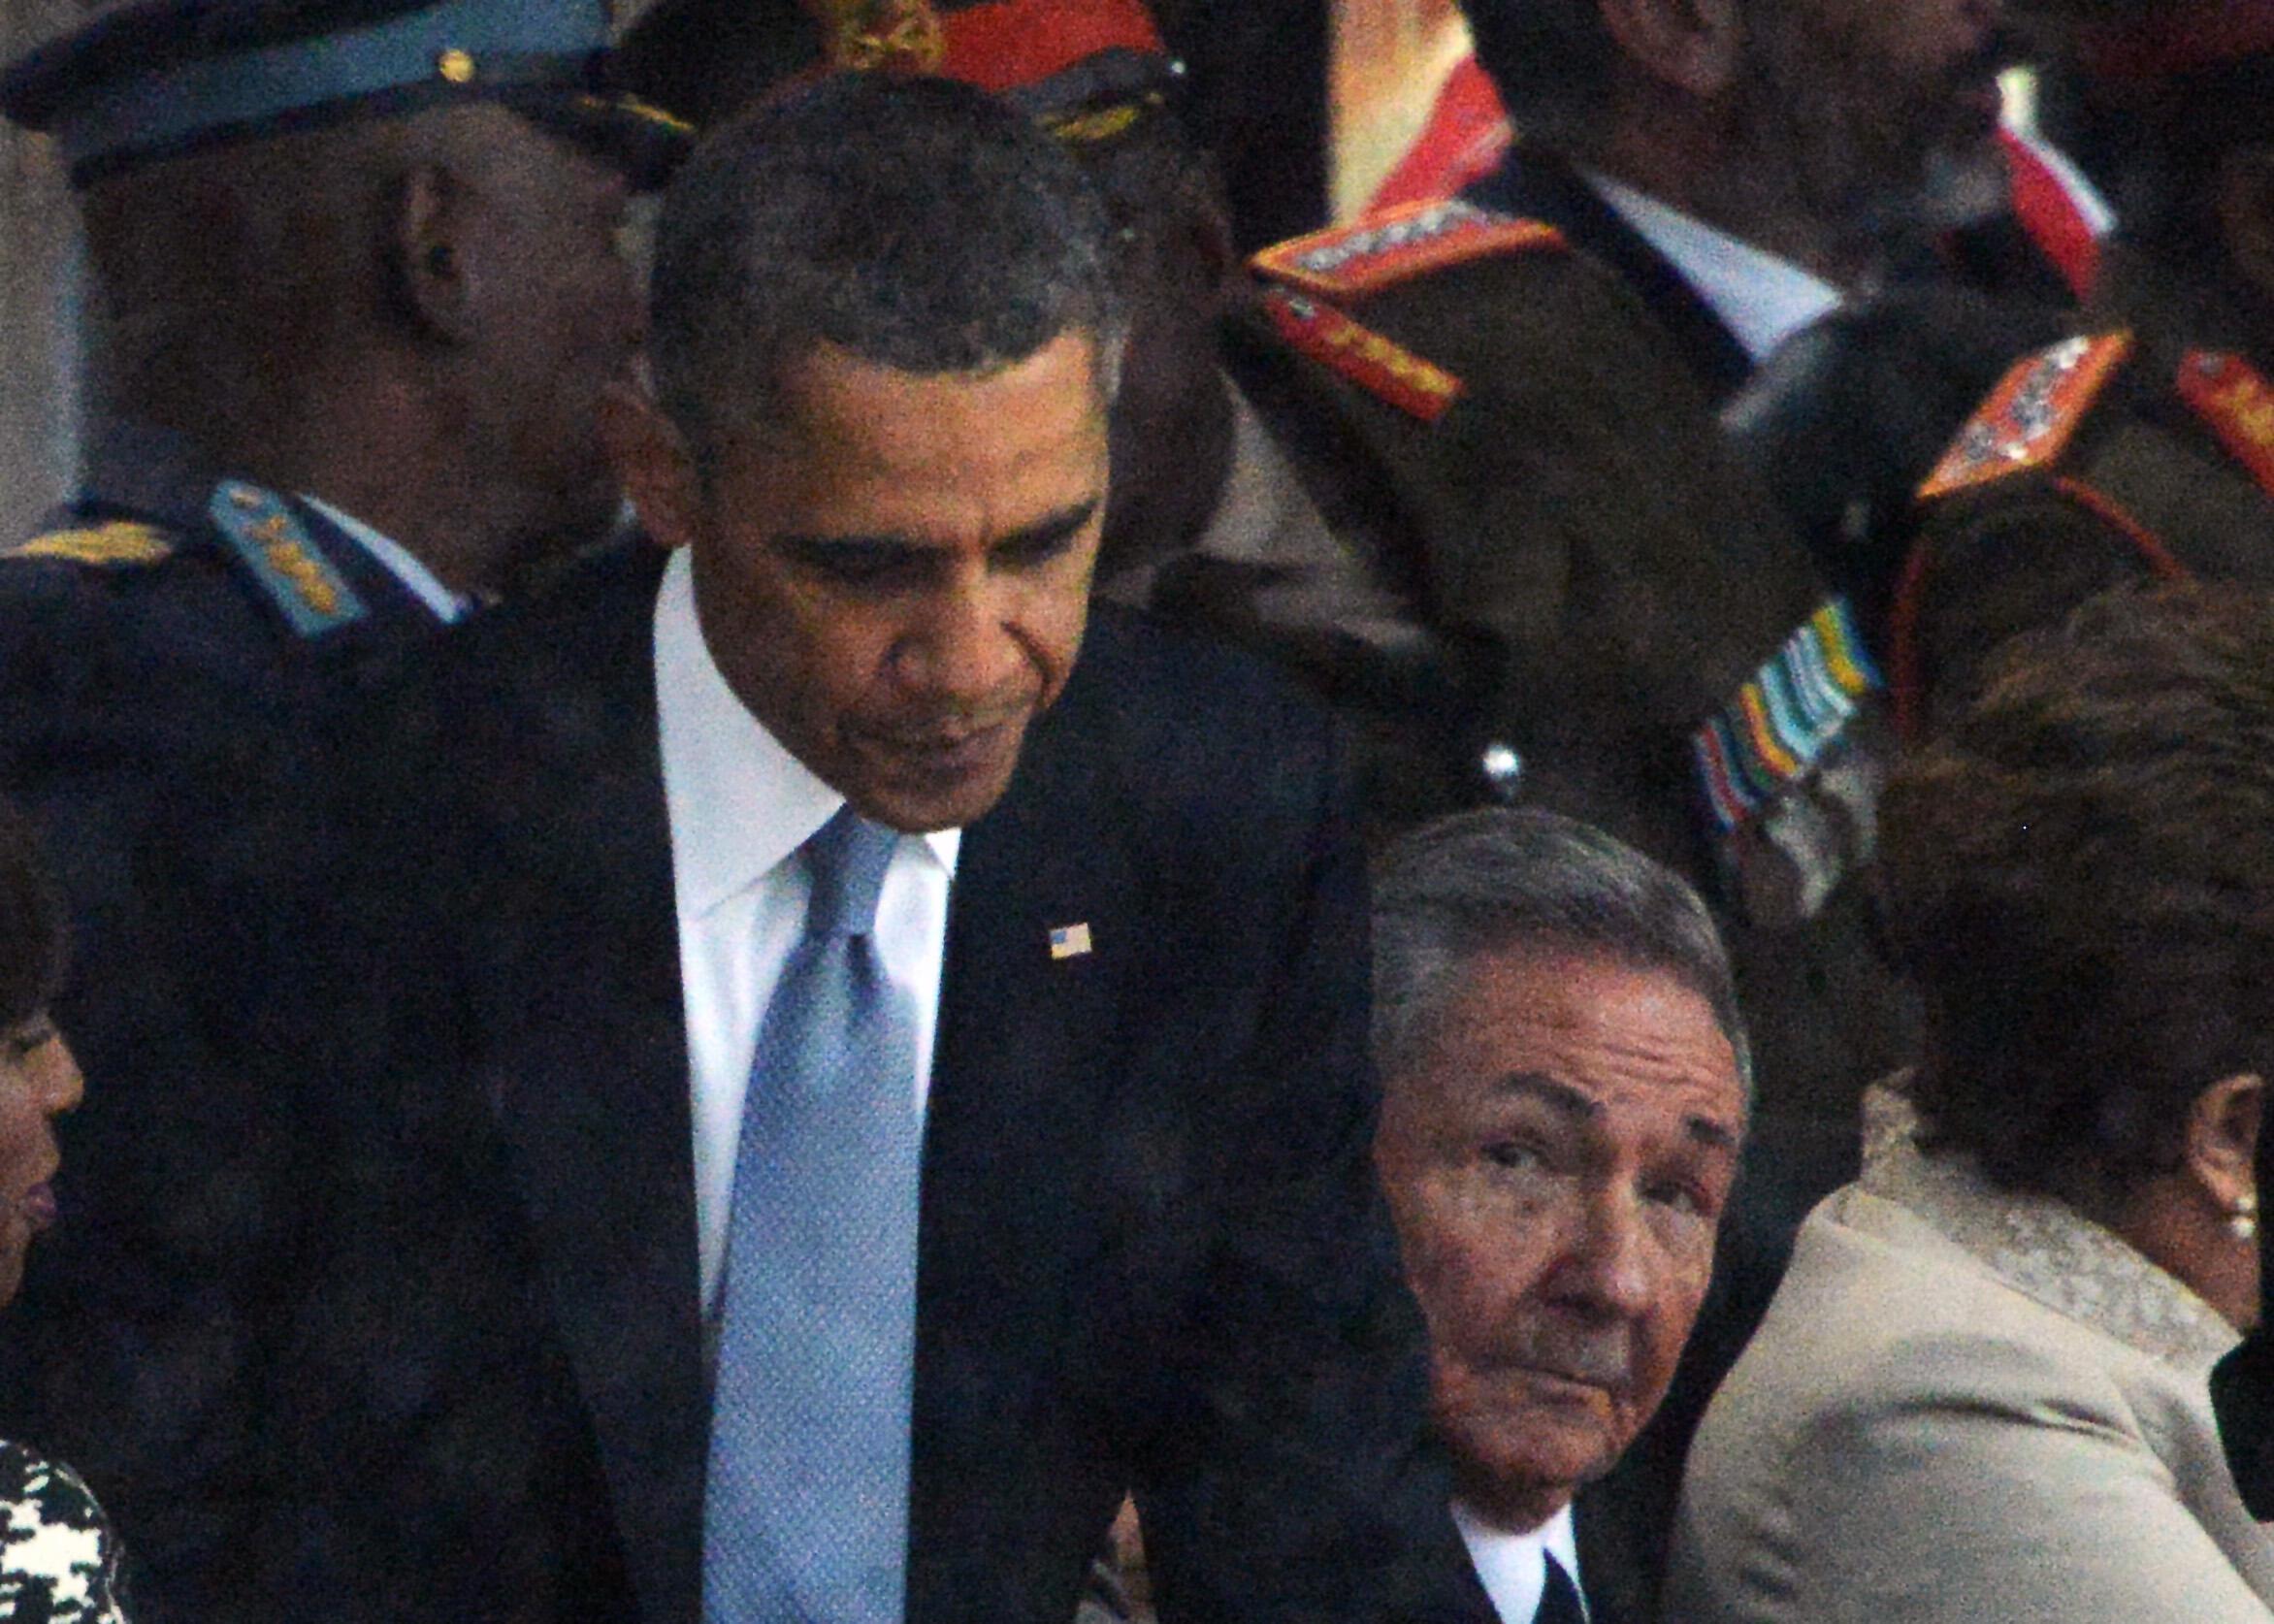 Le président cubain Raul Castro et le président des Etats-Unis Barack Obama se serrent la main, le 10 décembre 2013 lors d'un hommage rendu à Nelson Mandela à Soweto.